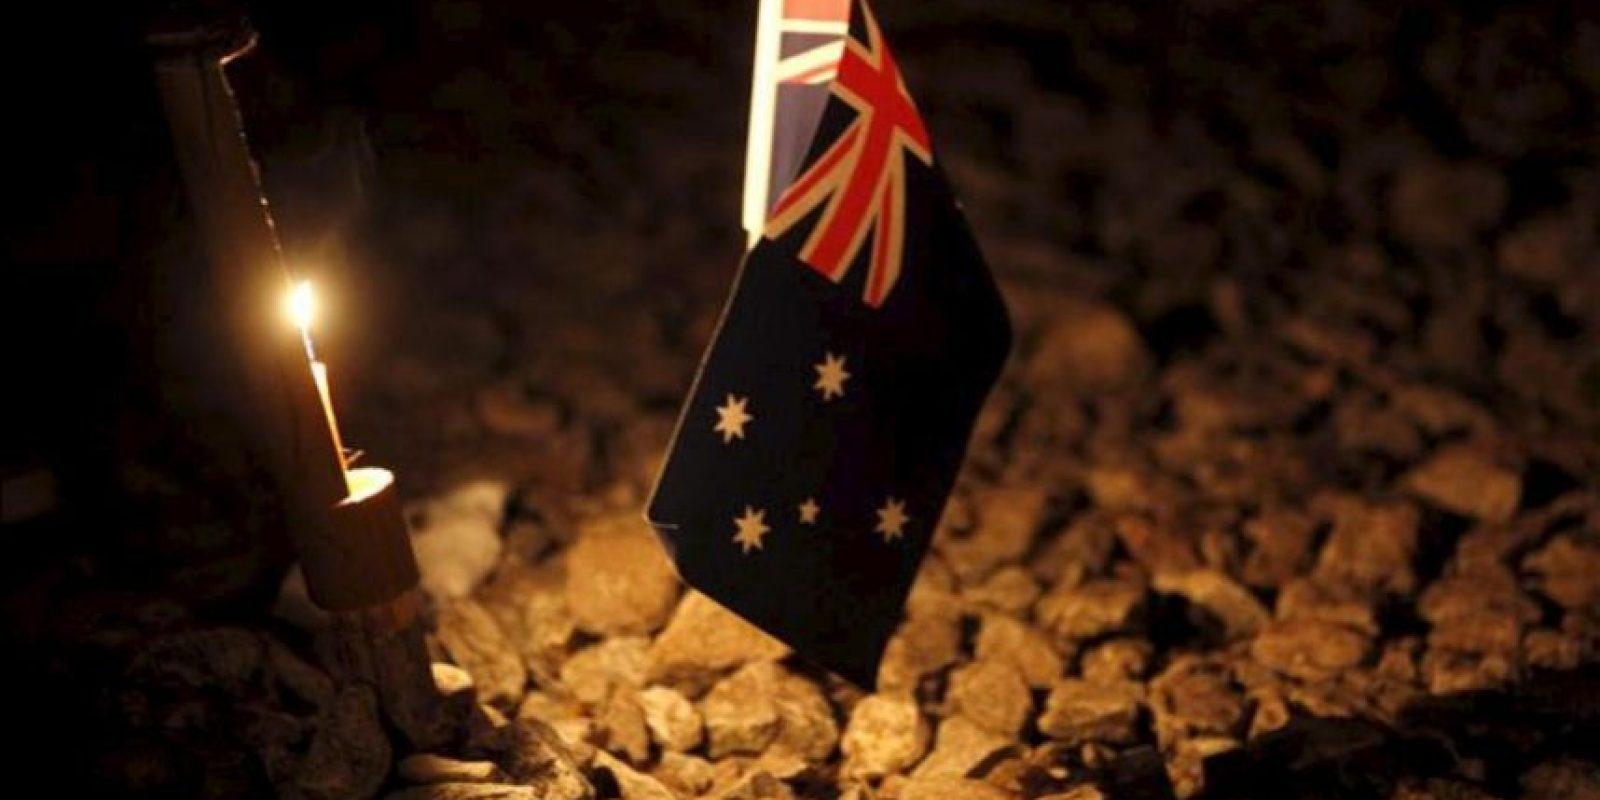 Una bandera australiana y una vela durante una ceremonia de alborada para conmemorar el día de las fuerzas armadas de Australia y Nueva Zelanda, hoy, miércoles 25 de abril de 2012. EFE